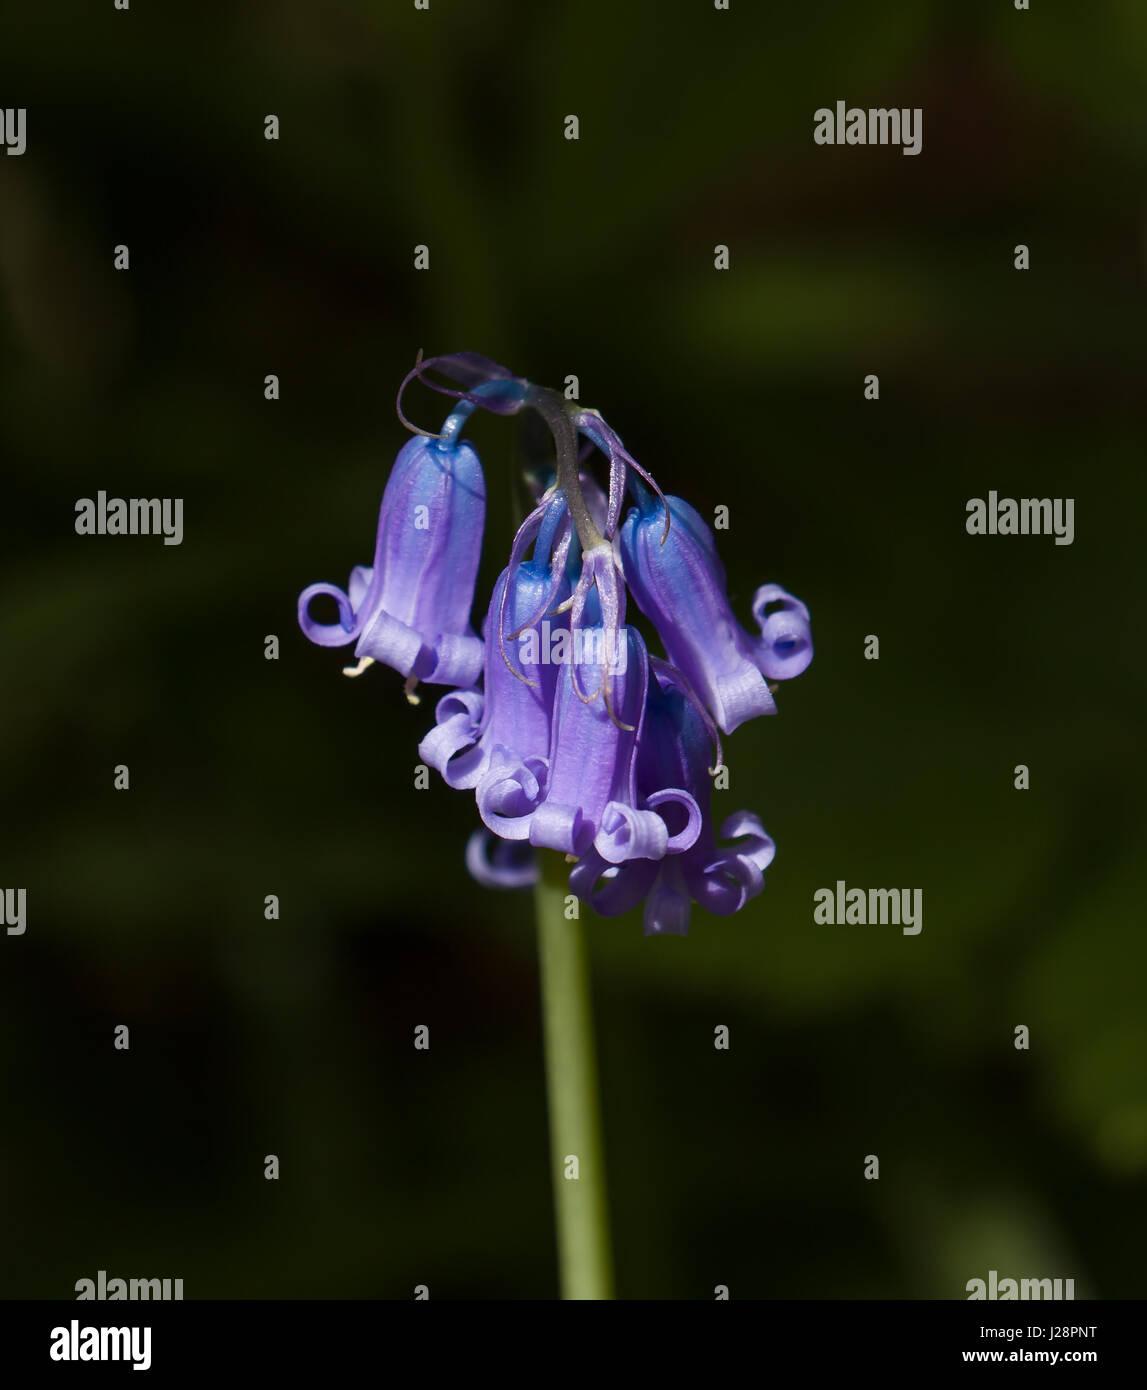 Detalle de cerca de inglés común bluebell hyacinthoides non-scripta. Imagen De Stock